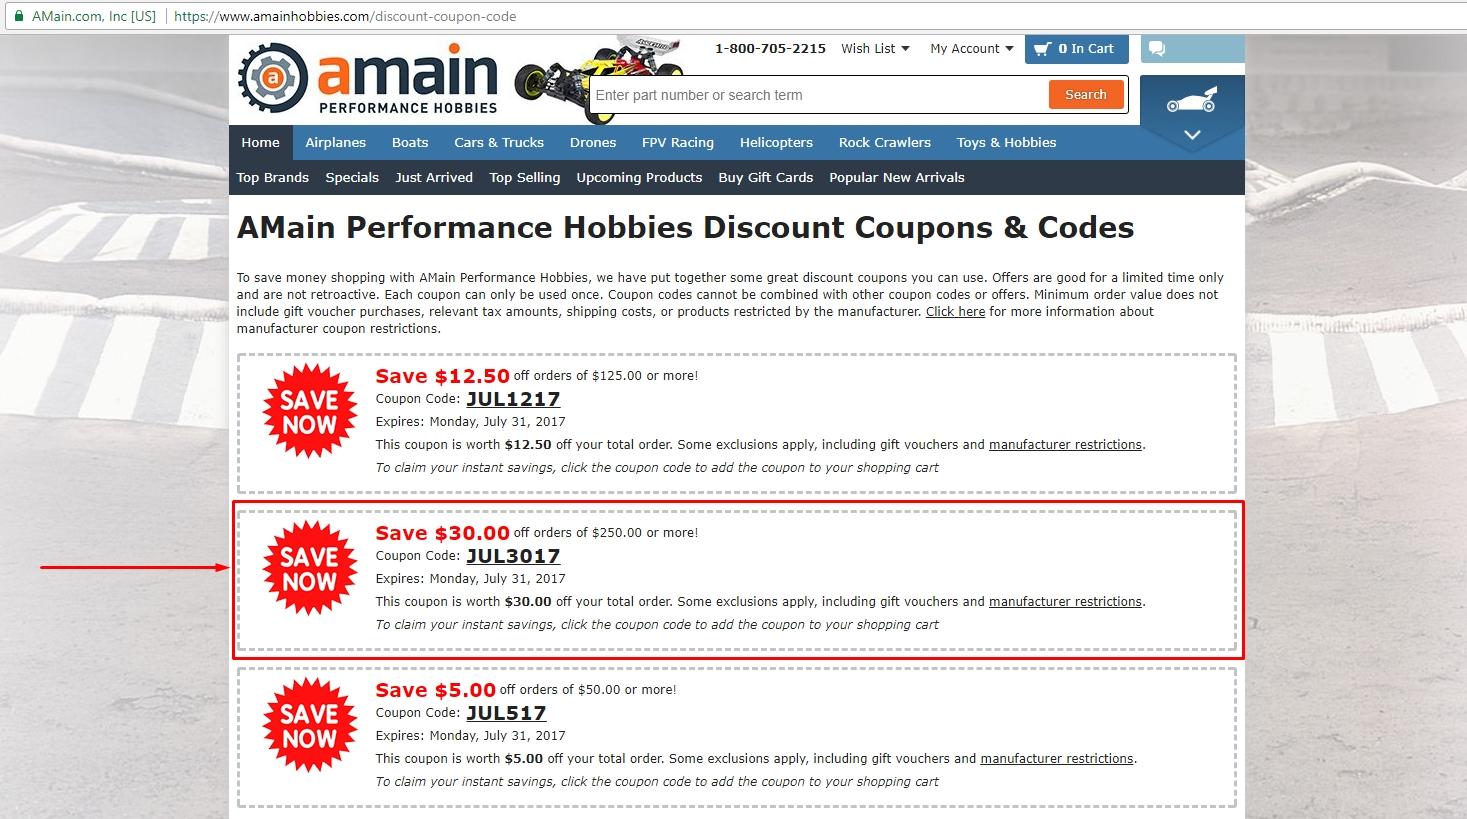 Amain coupon code